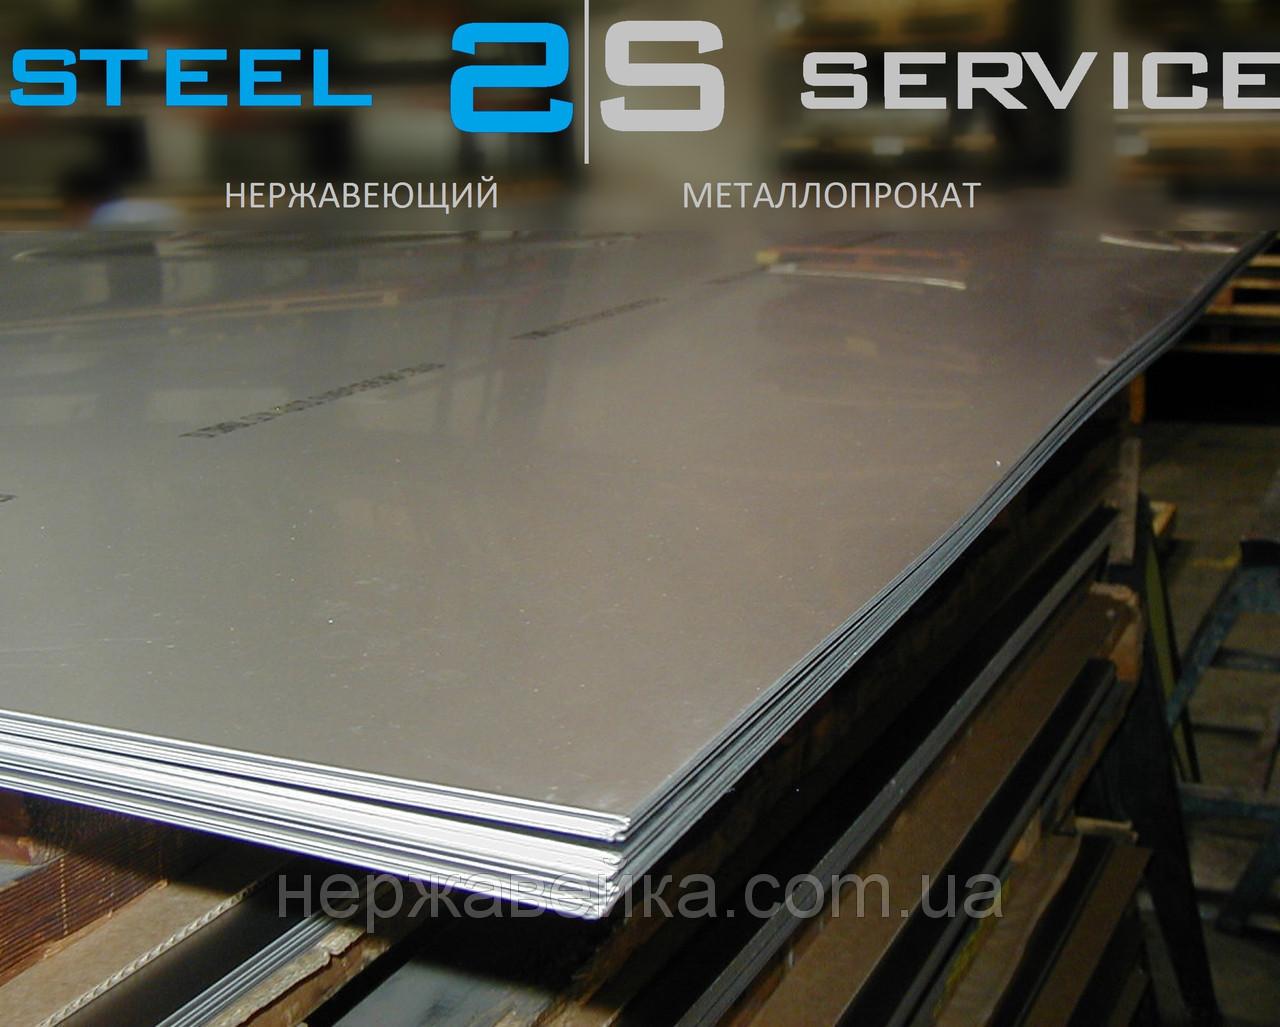 Нержавейка лист 50х1500х6000мм  AISI 304(08Х18Н10) F1 - горячекатанный, пищевой